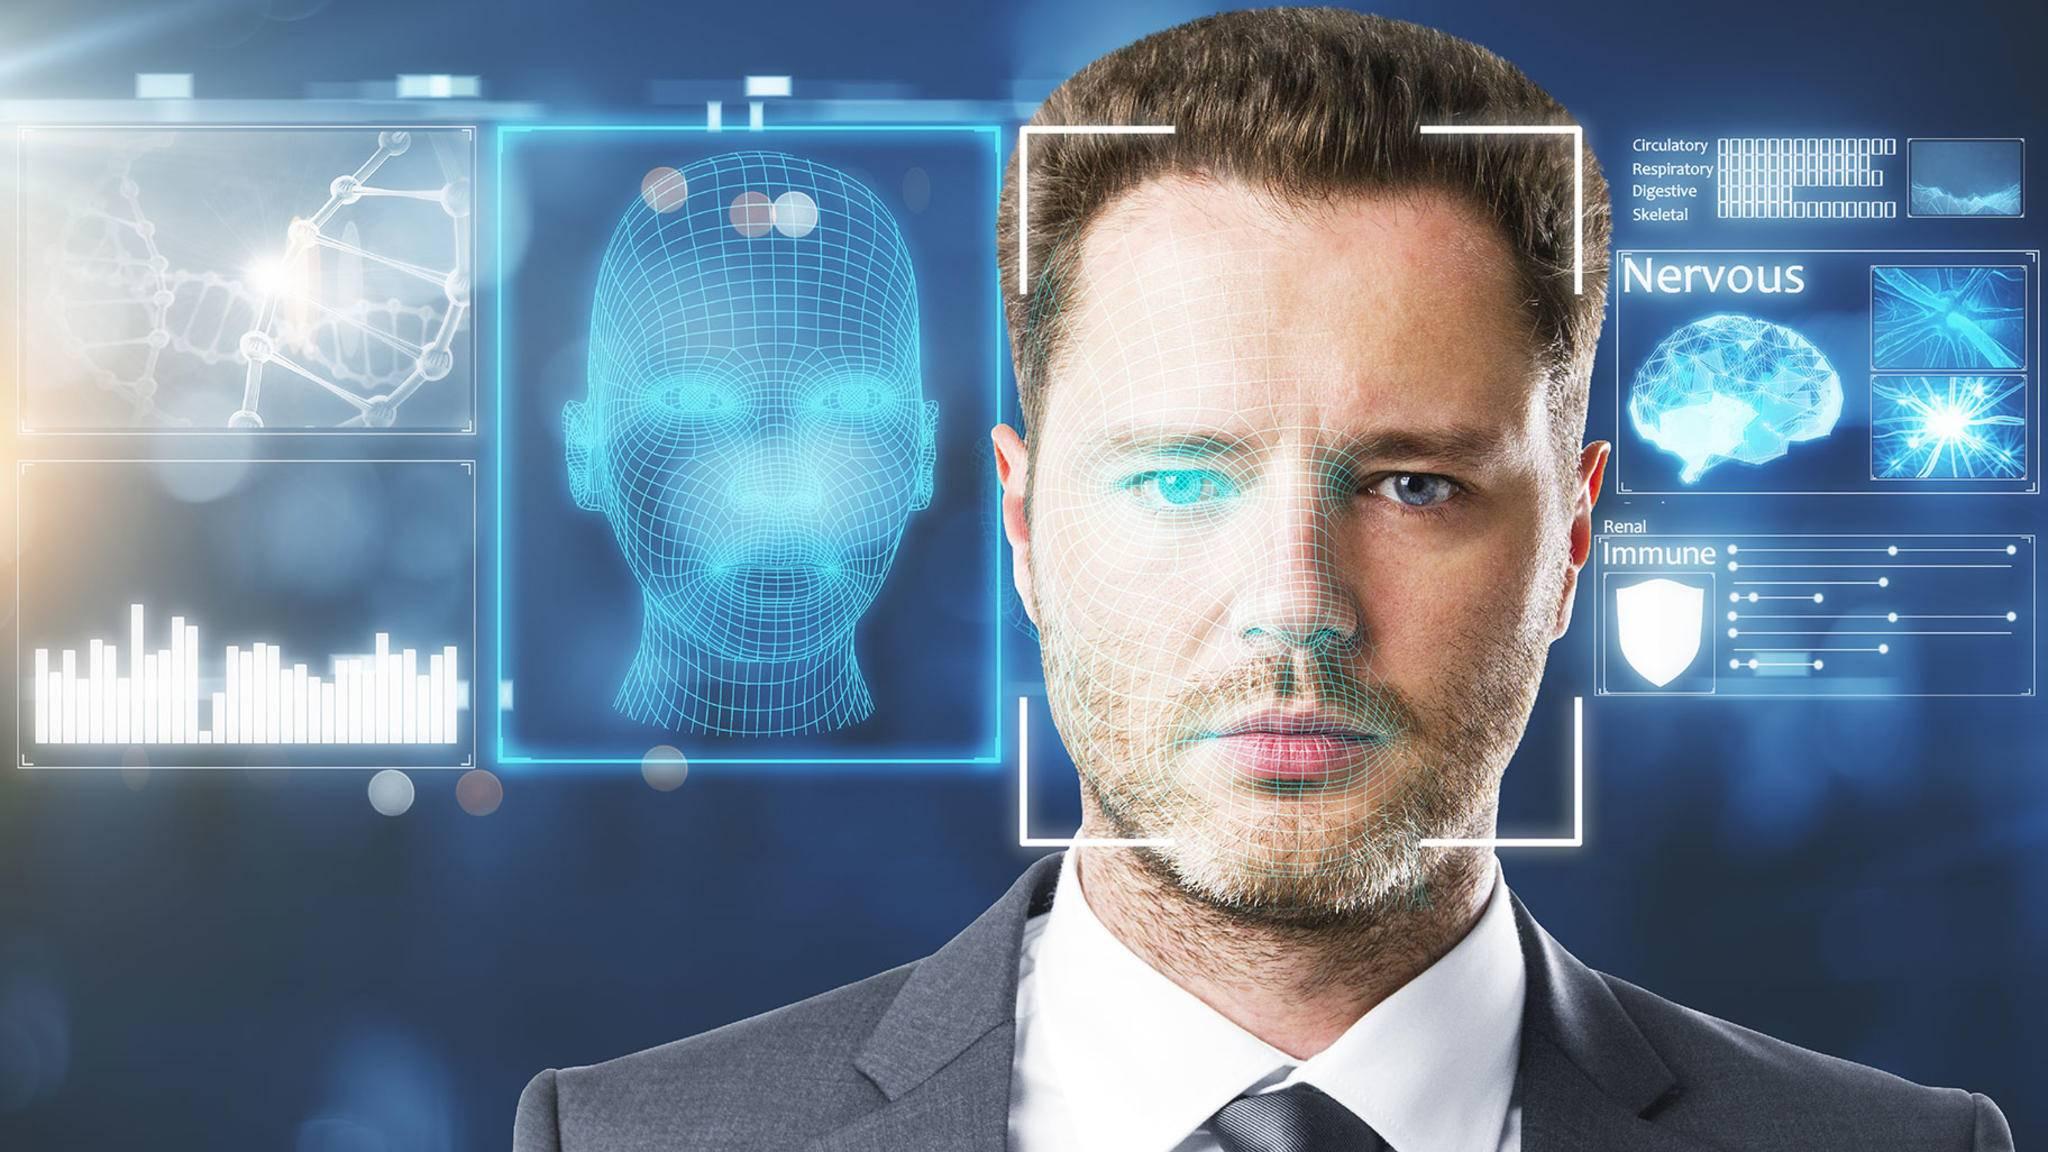 Die Gesichtserkennung endet nicht mit dem Erkennen eines Gesichts – sondern fängt damit erst an.